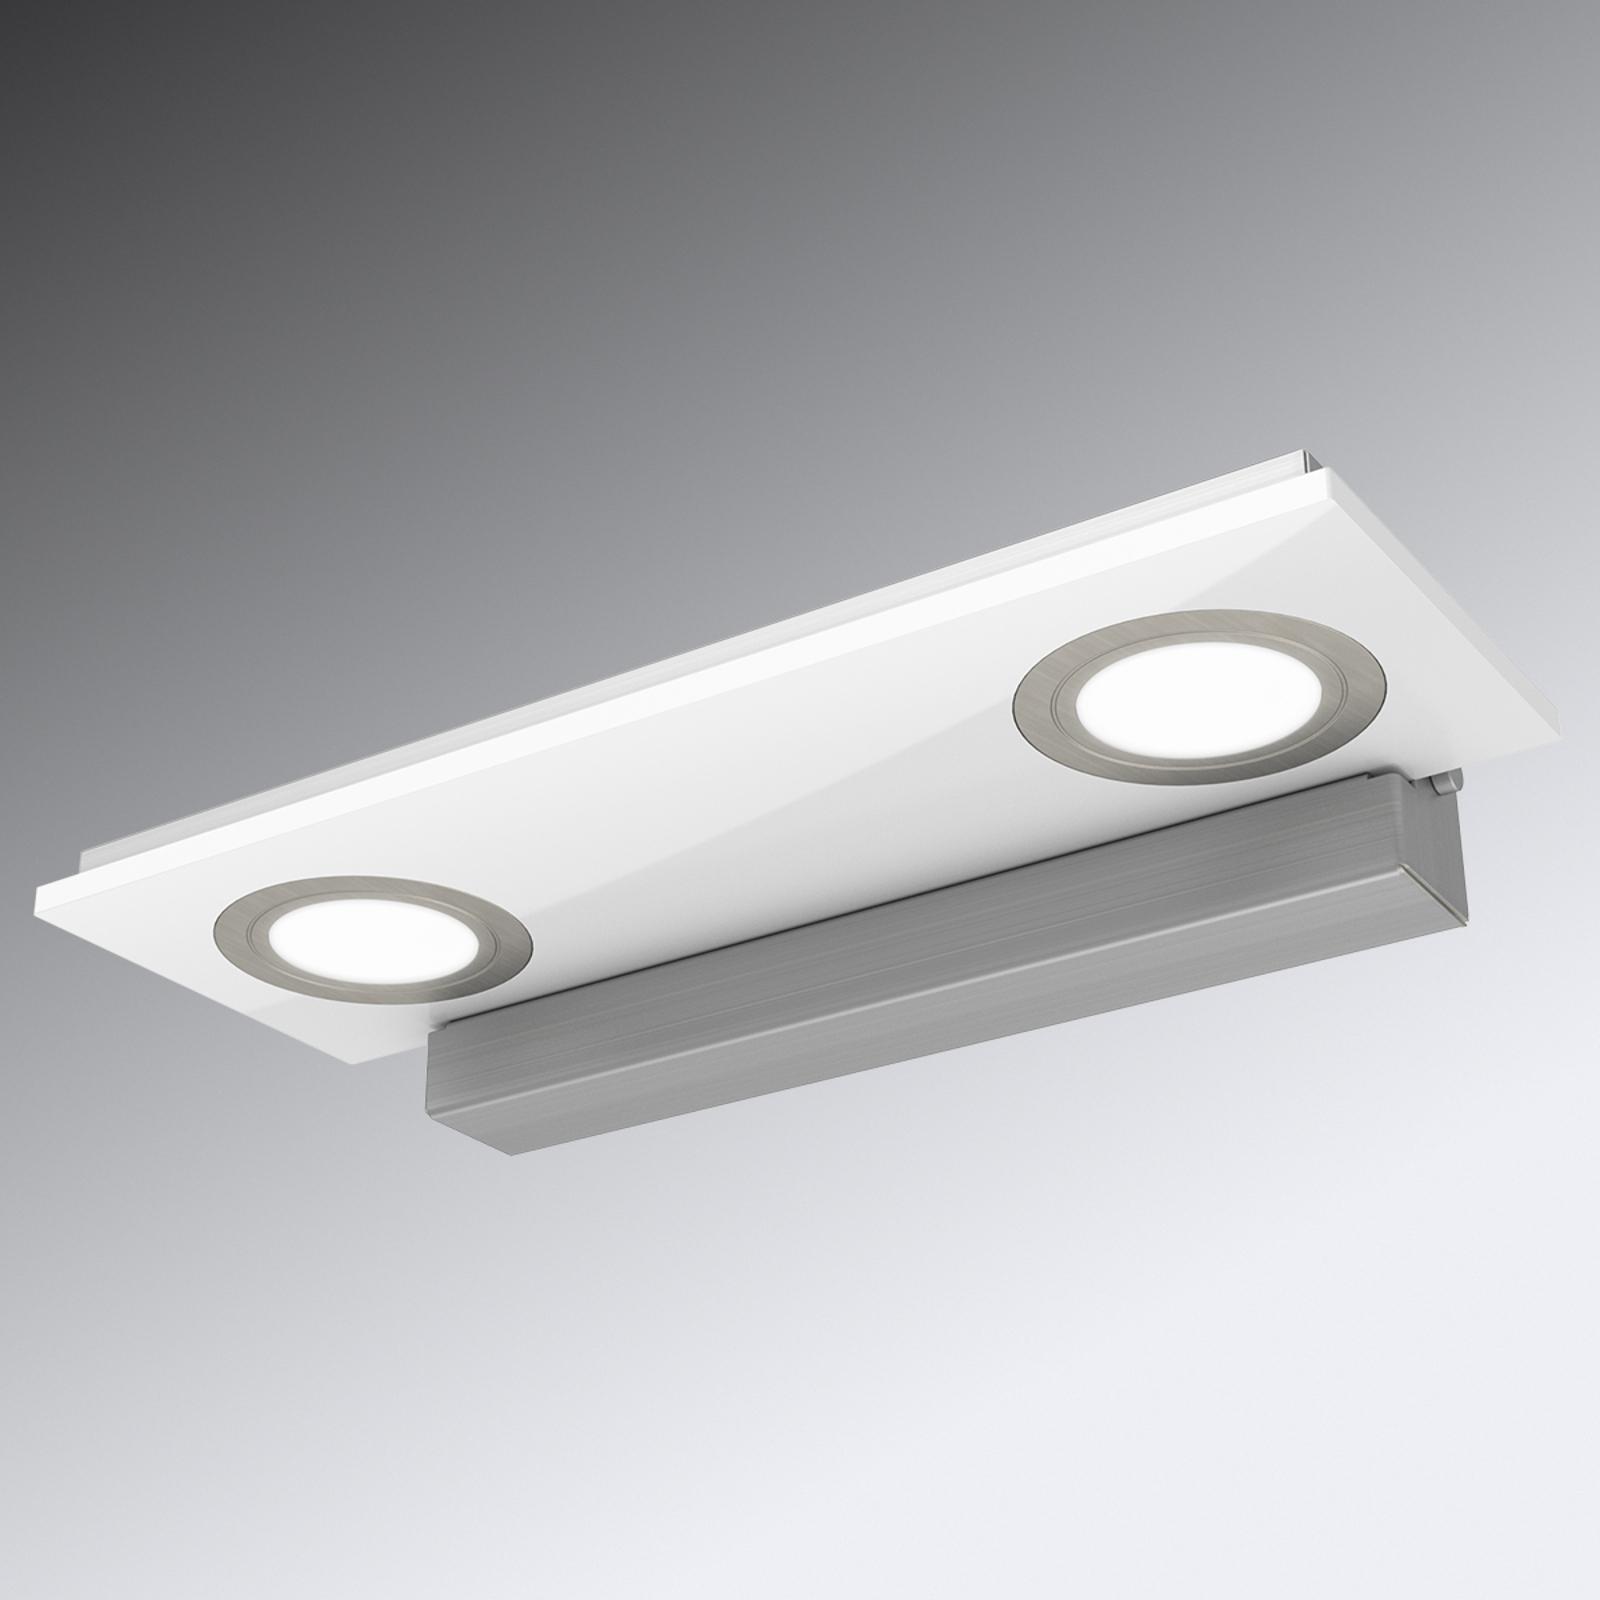 2-punktowa lampa sufitowa LED Pano, biała